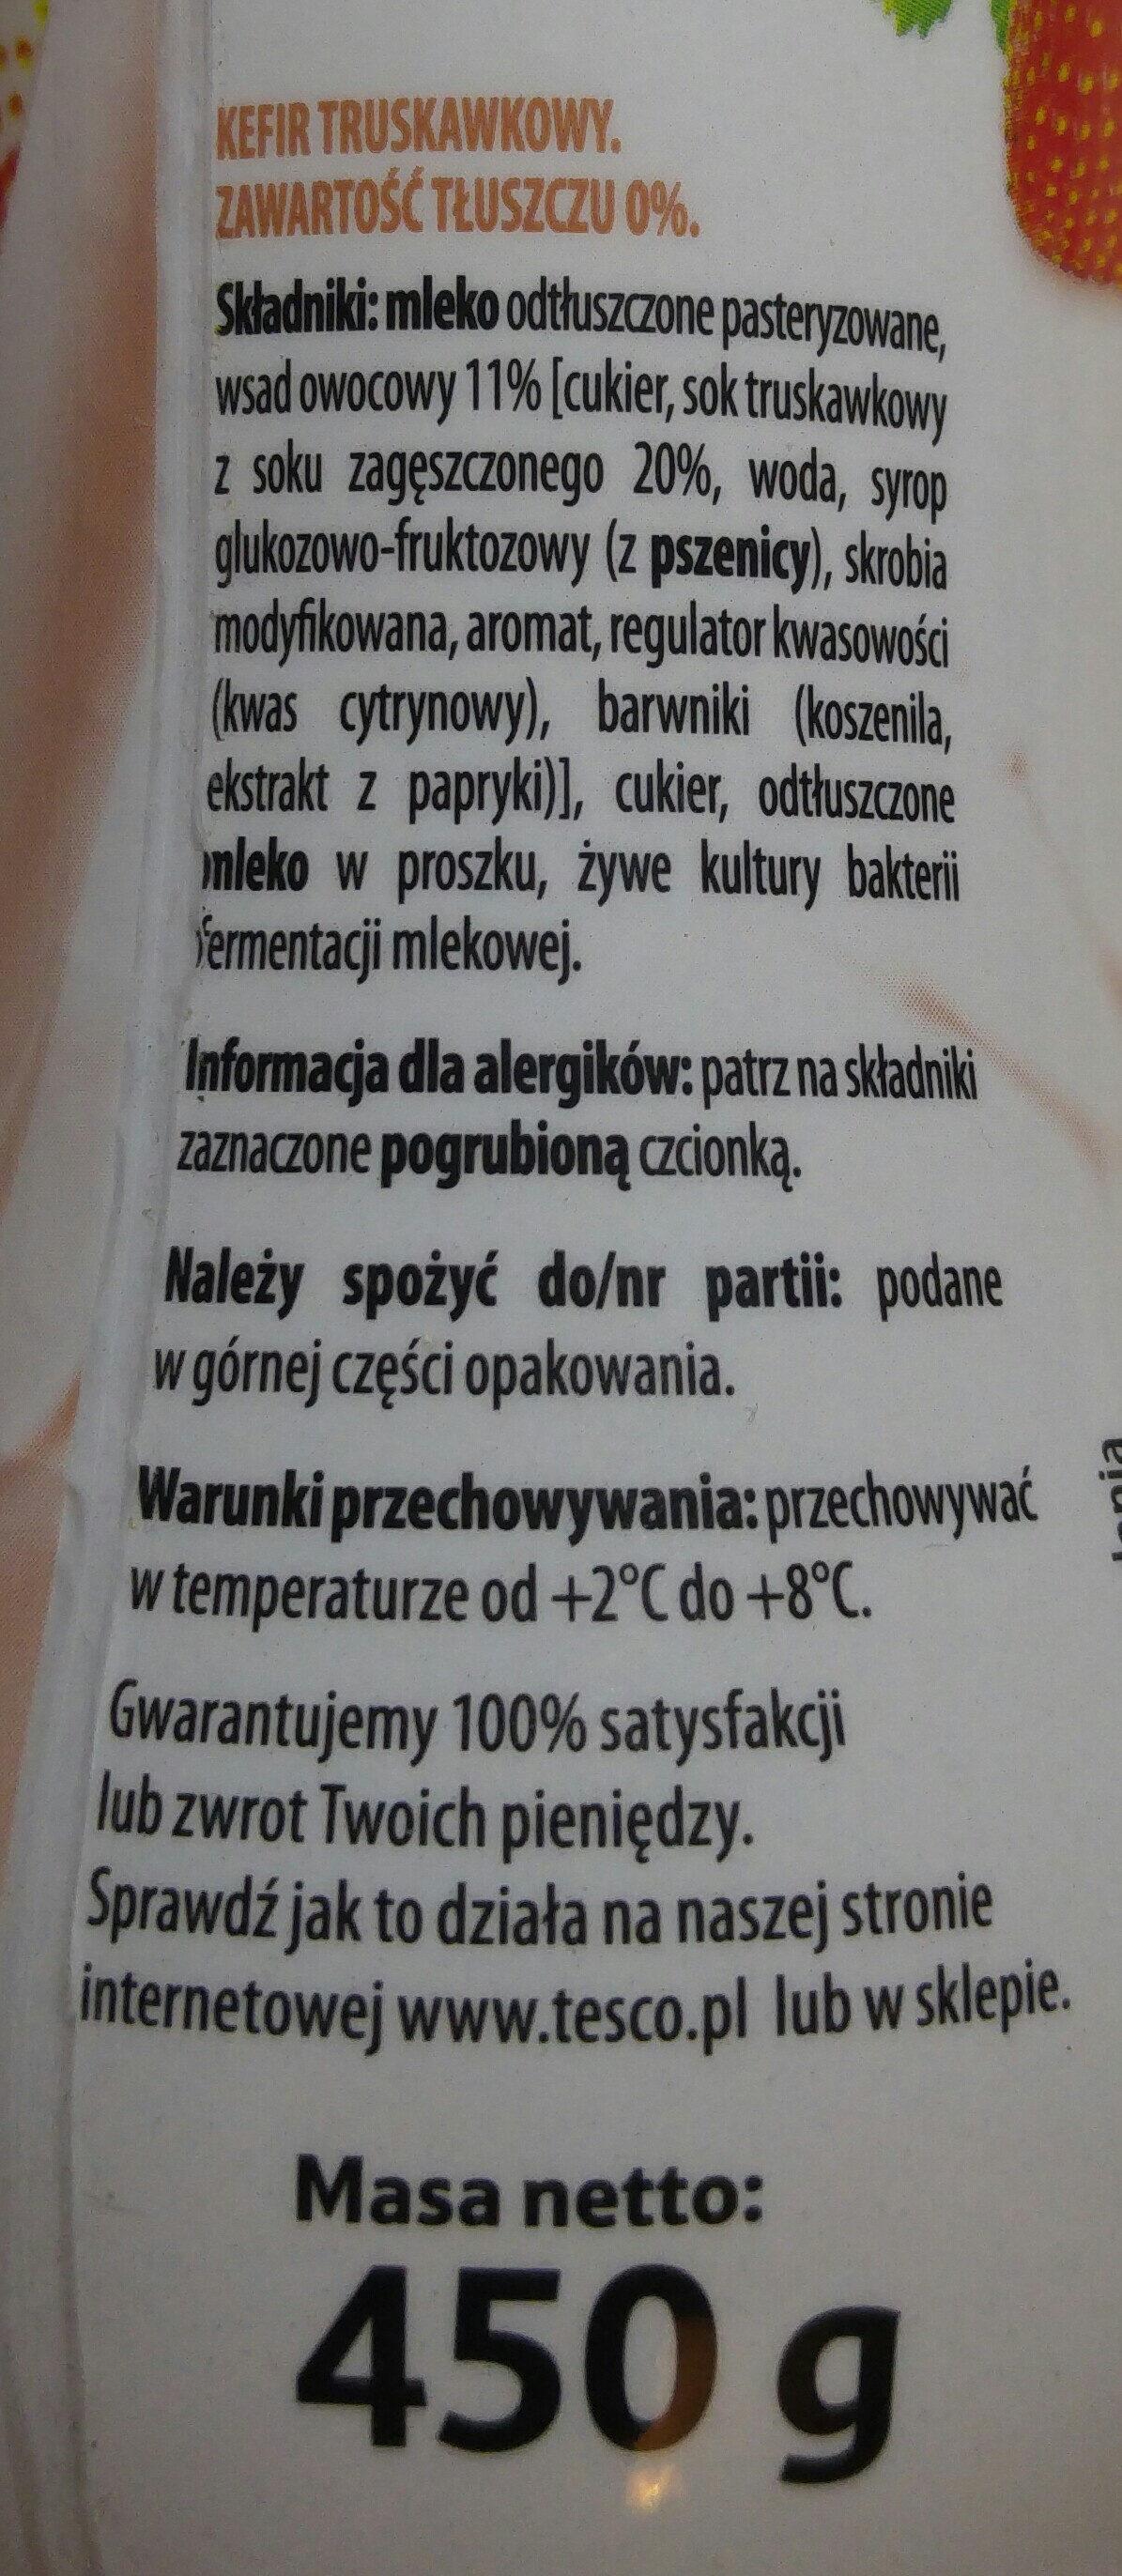 Kefir truskawkowy 0% - Składniki - pl